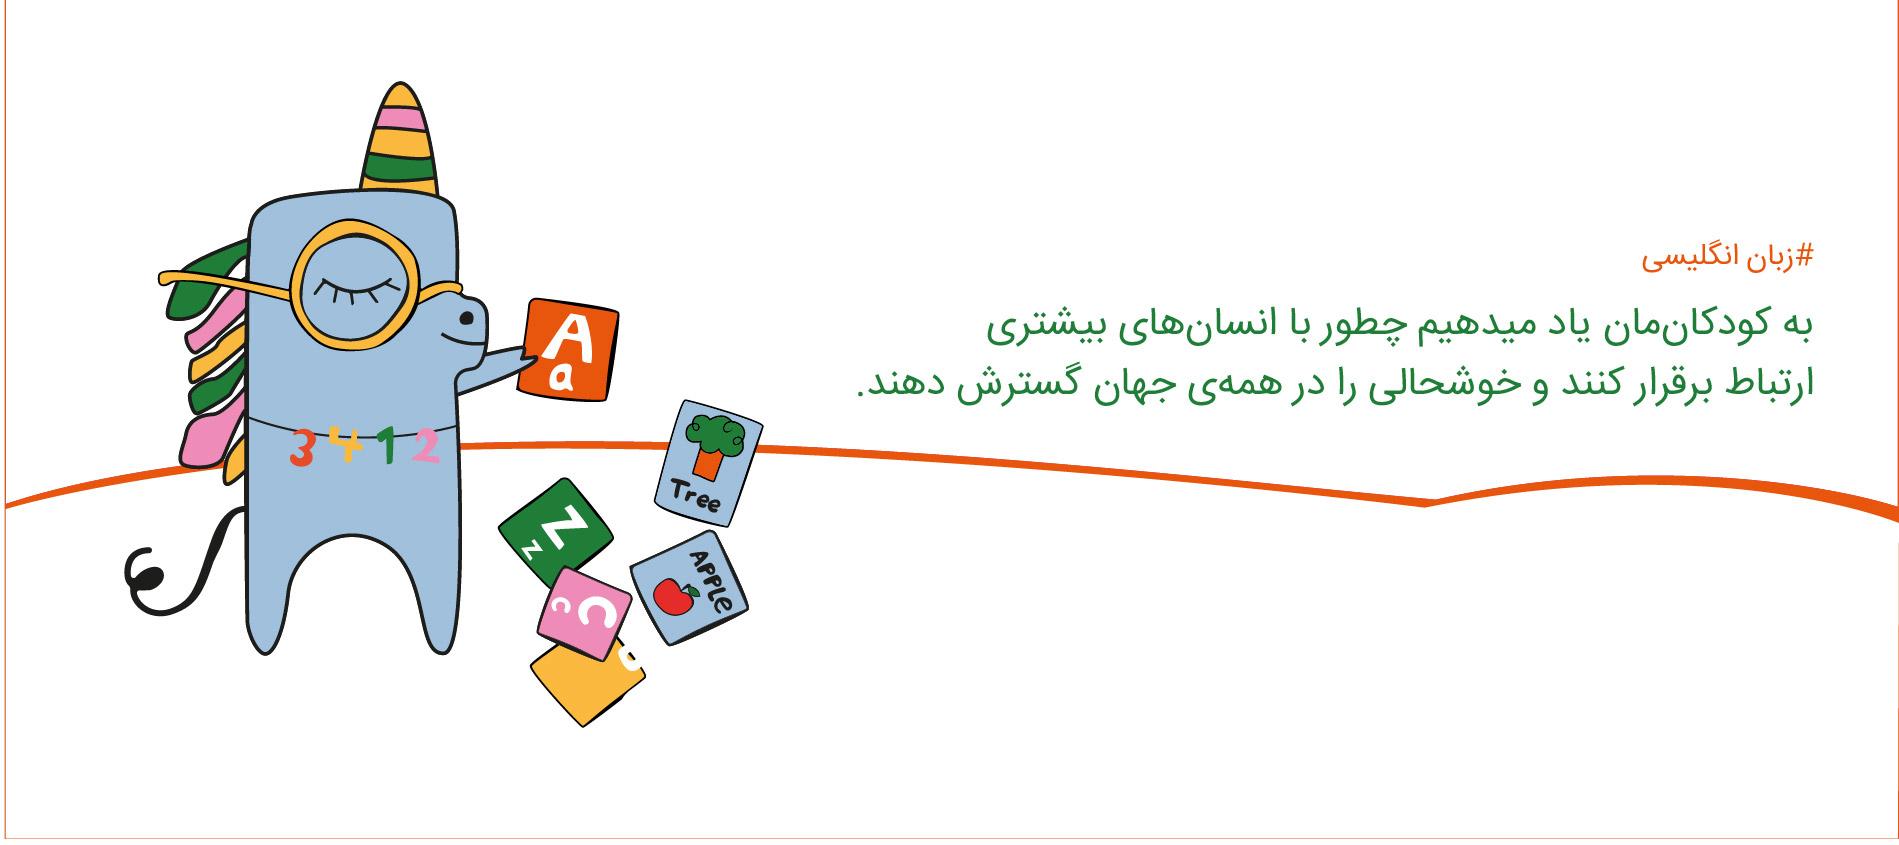 آموزش زبان انگلیسی ویژه کودکان در مهرآیین